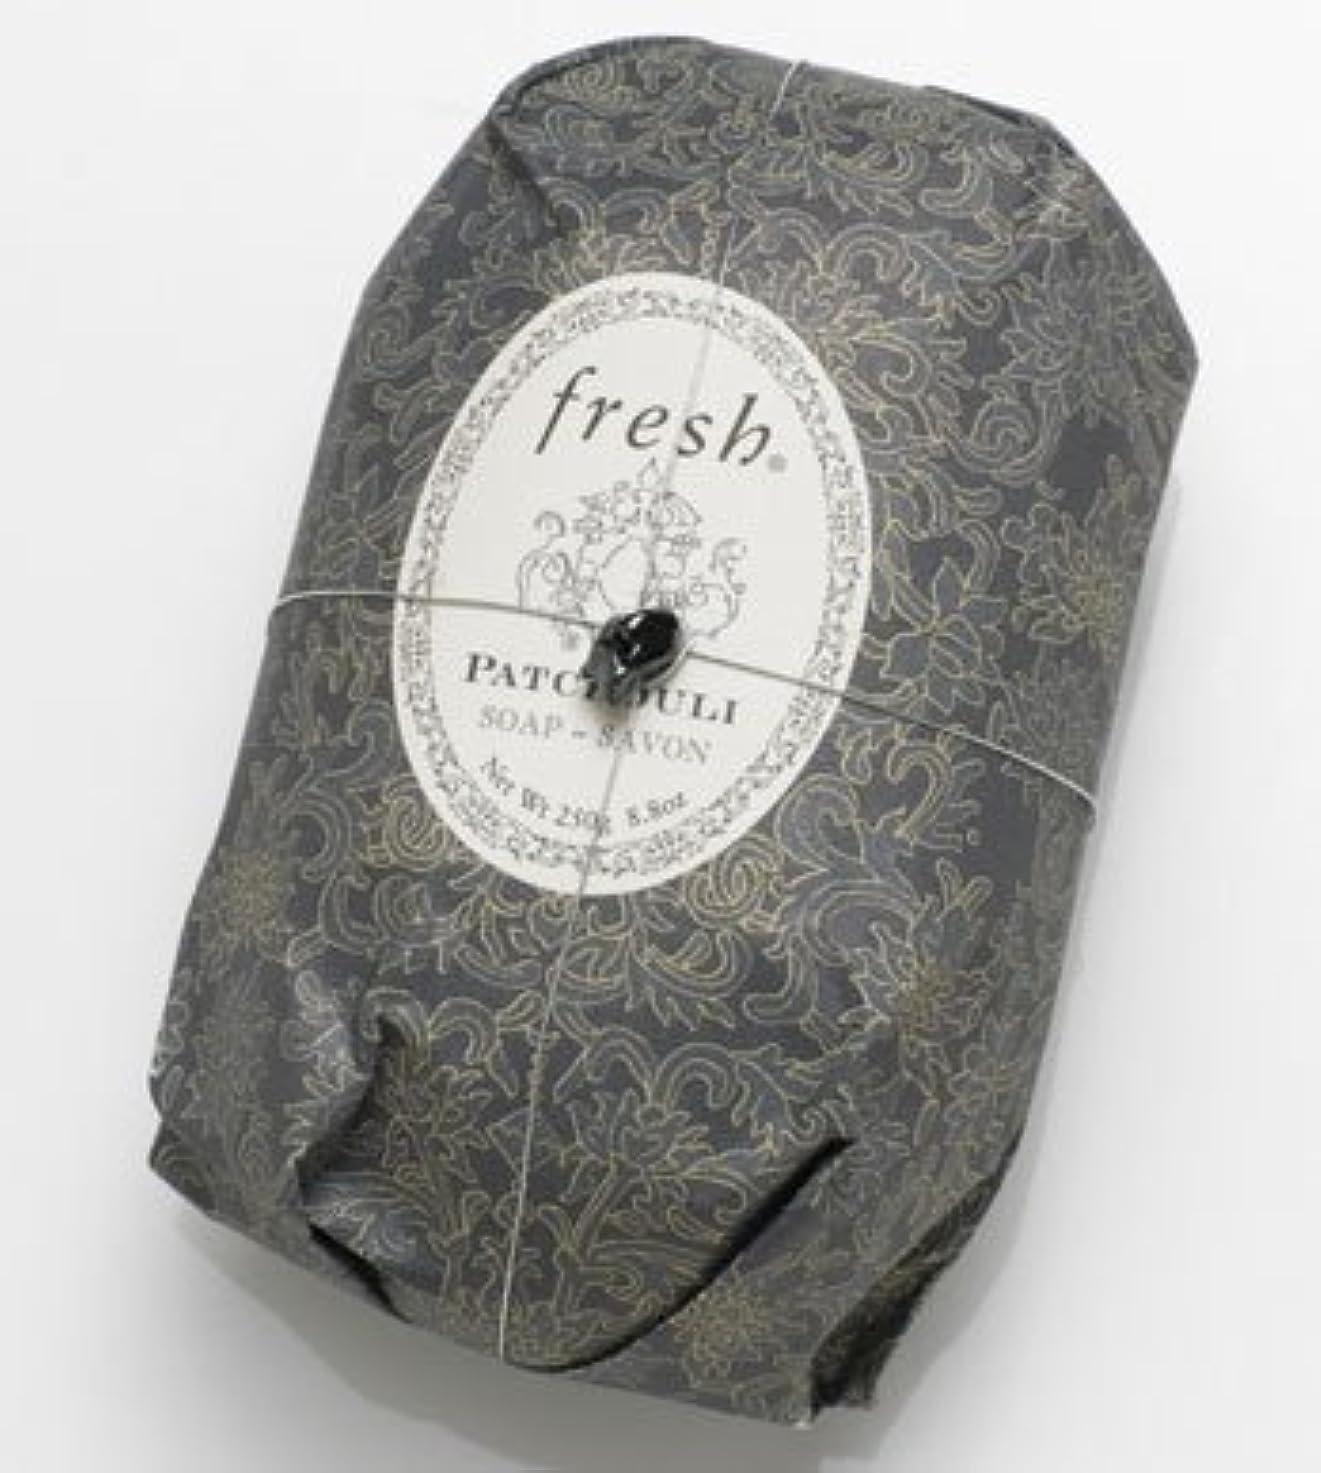 ぎこちないリビングルームコマースFresh PATCHOULI SOAP (フレッシュ パチョリ ソープ) 8.8 oz (250g) Soap (石鹸) by Fresh